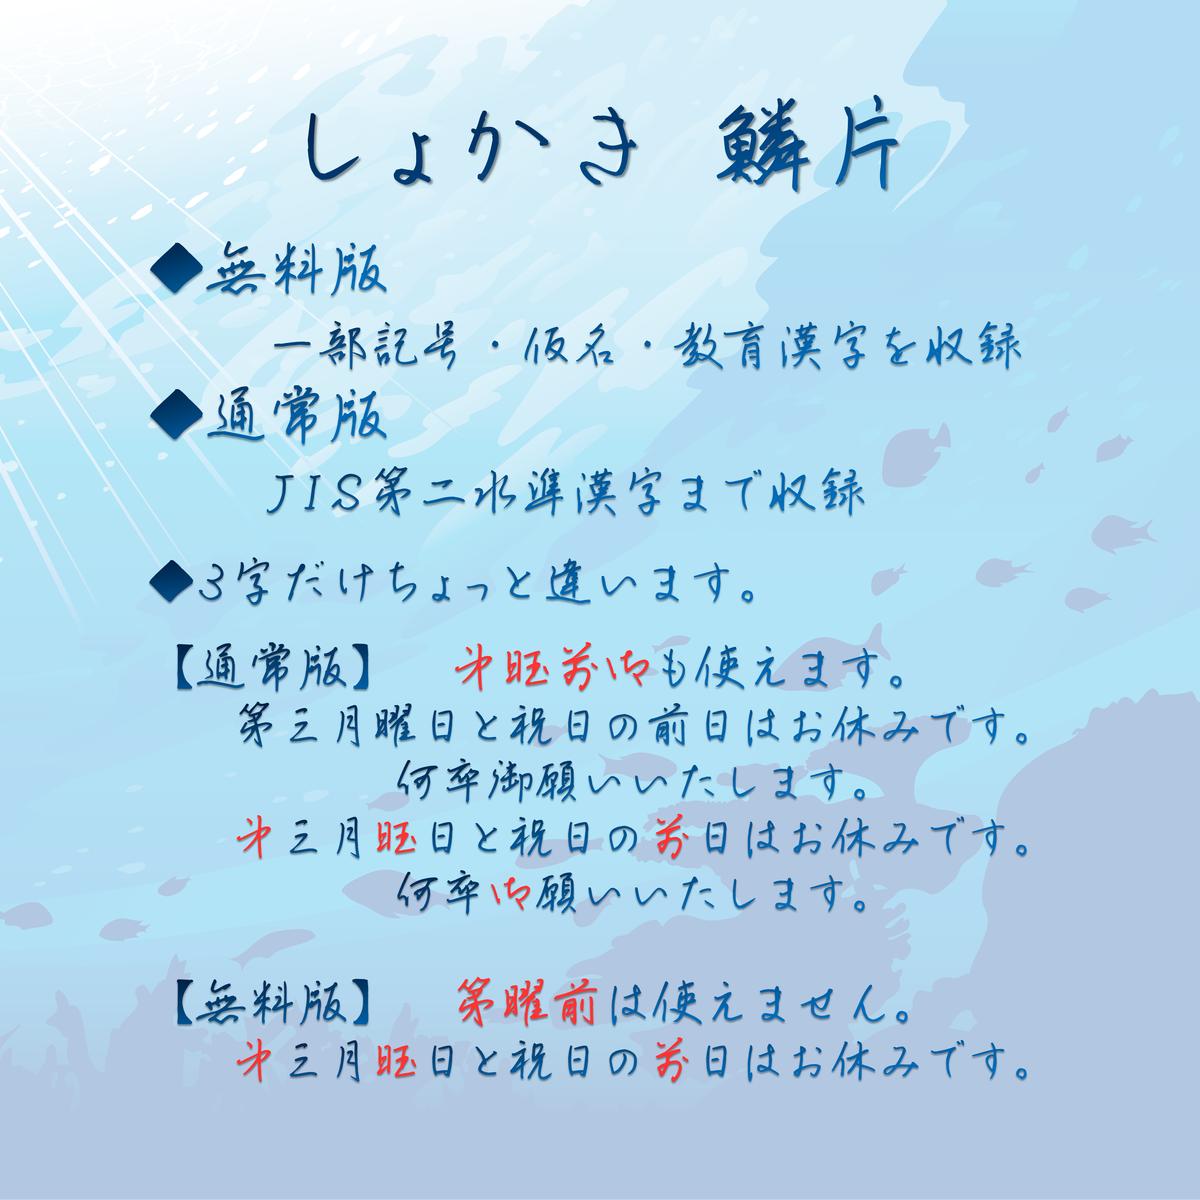 f:id:shokaki:20200706192305p:plain